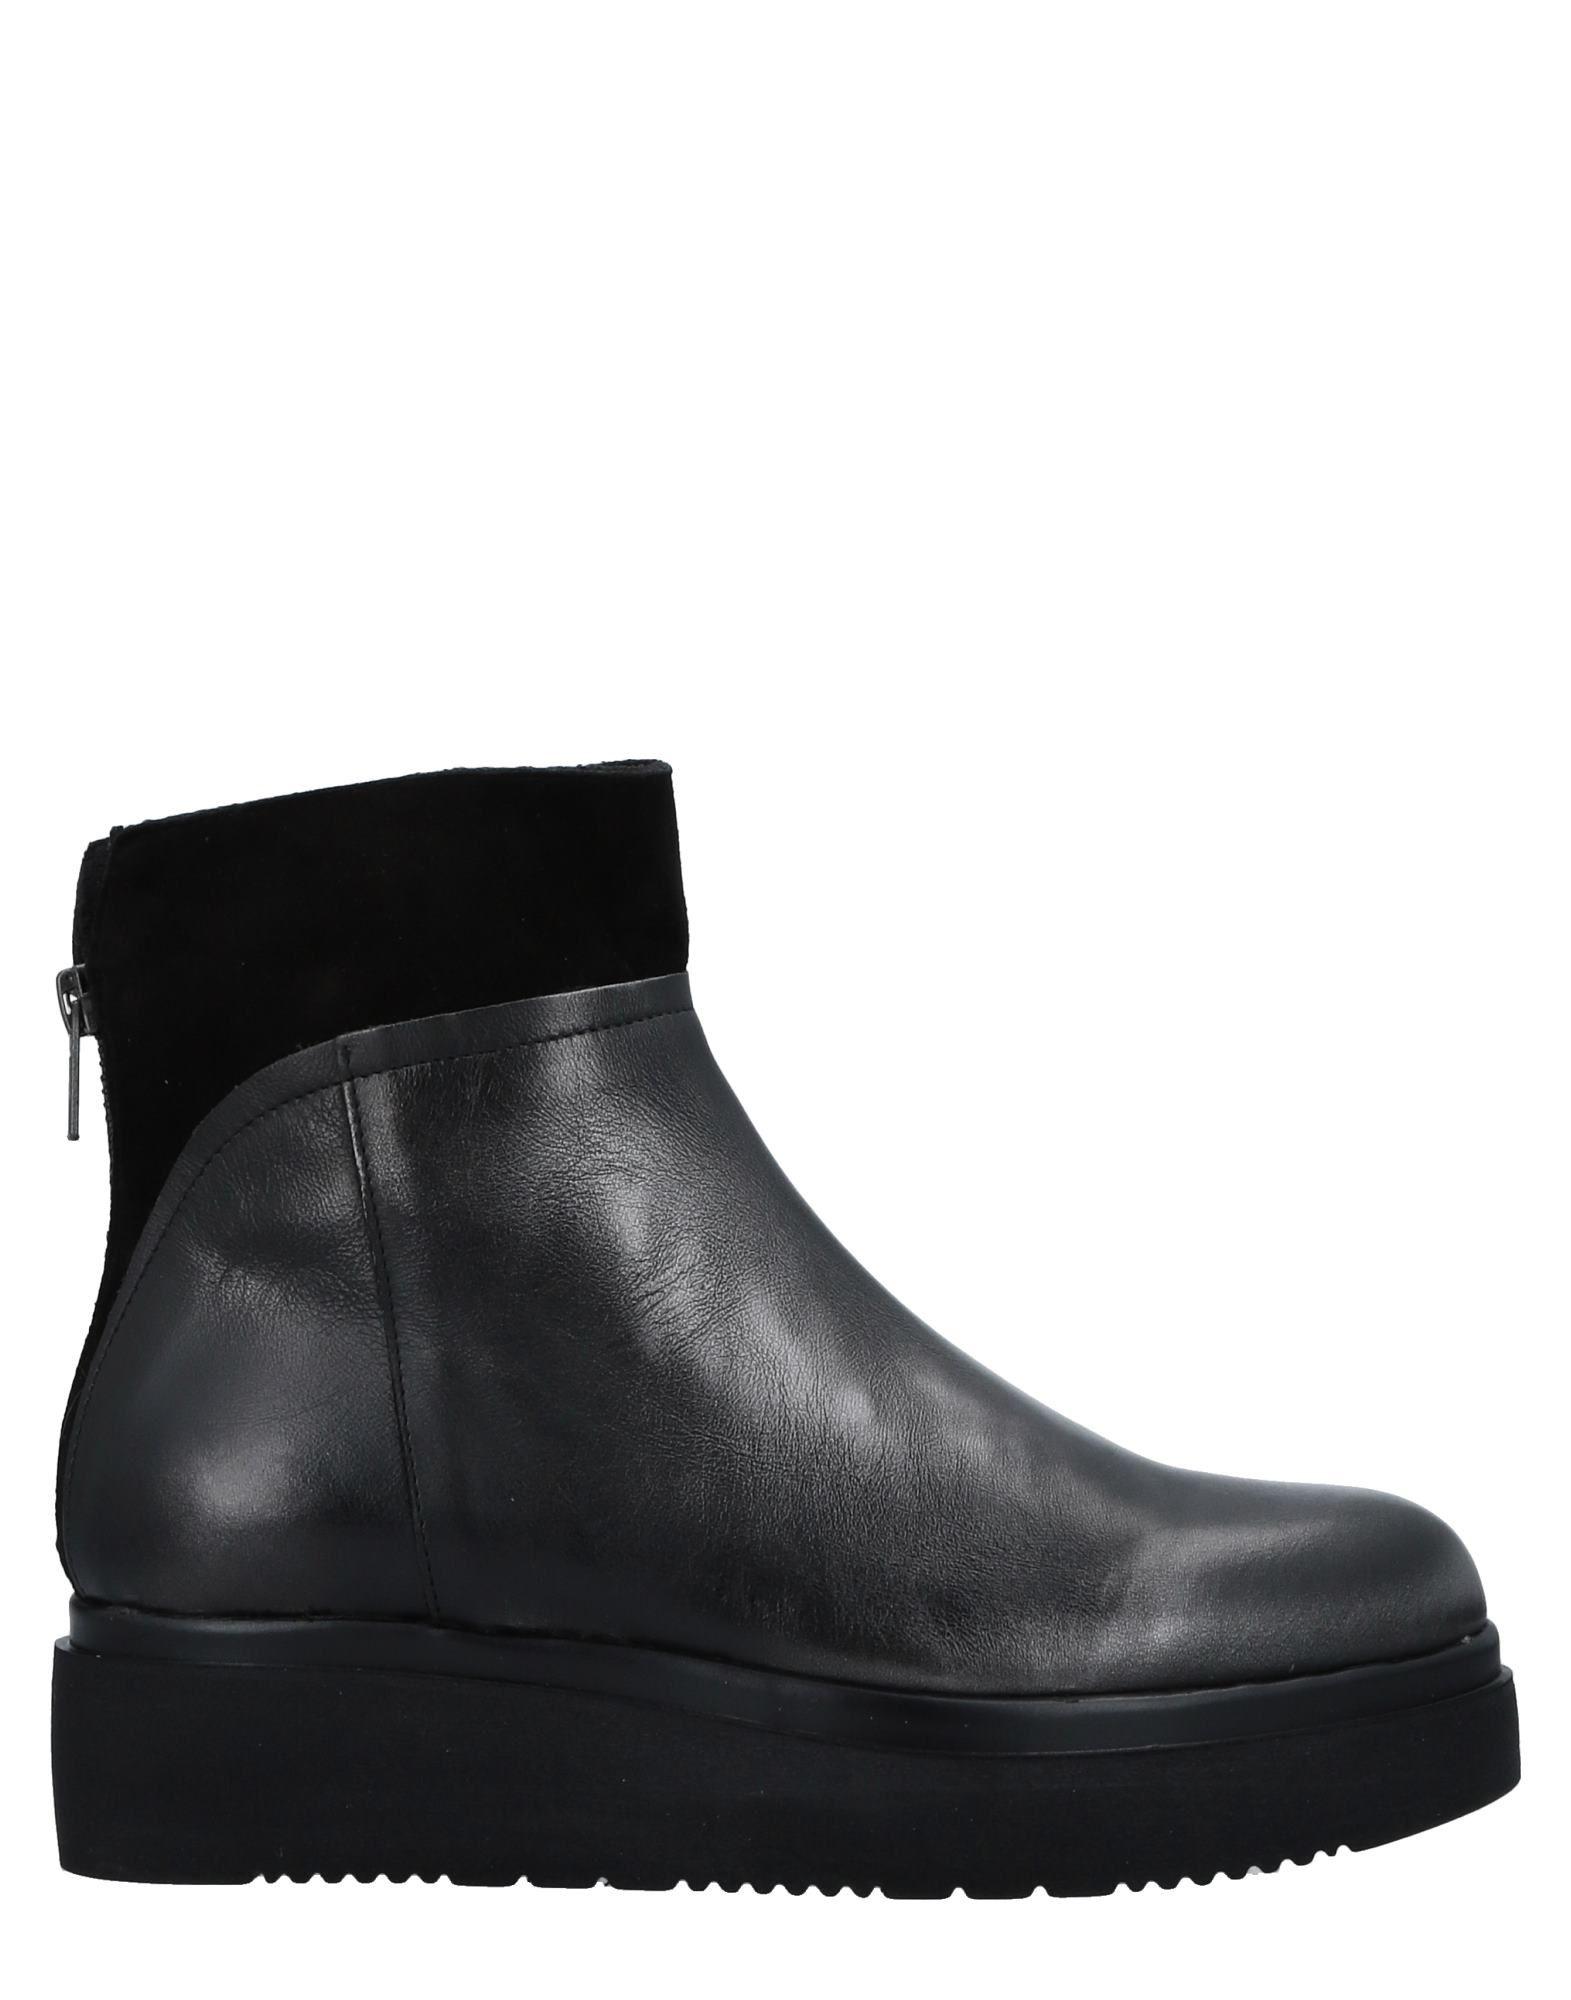 Gut Foscati um billige Schuhe zu tragenLea Foscati Gut Stiefelette Damen  11512824IQ c90d67